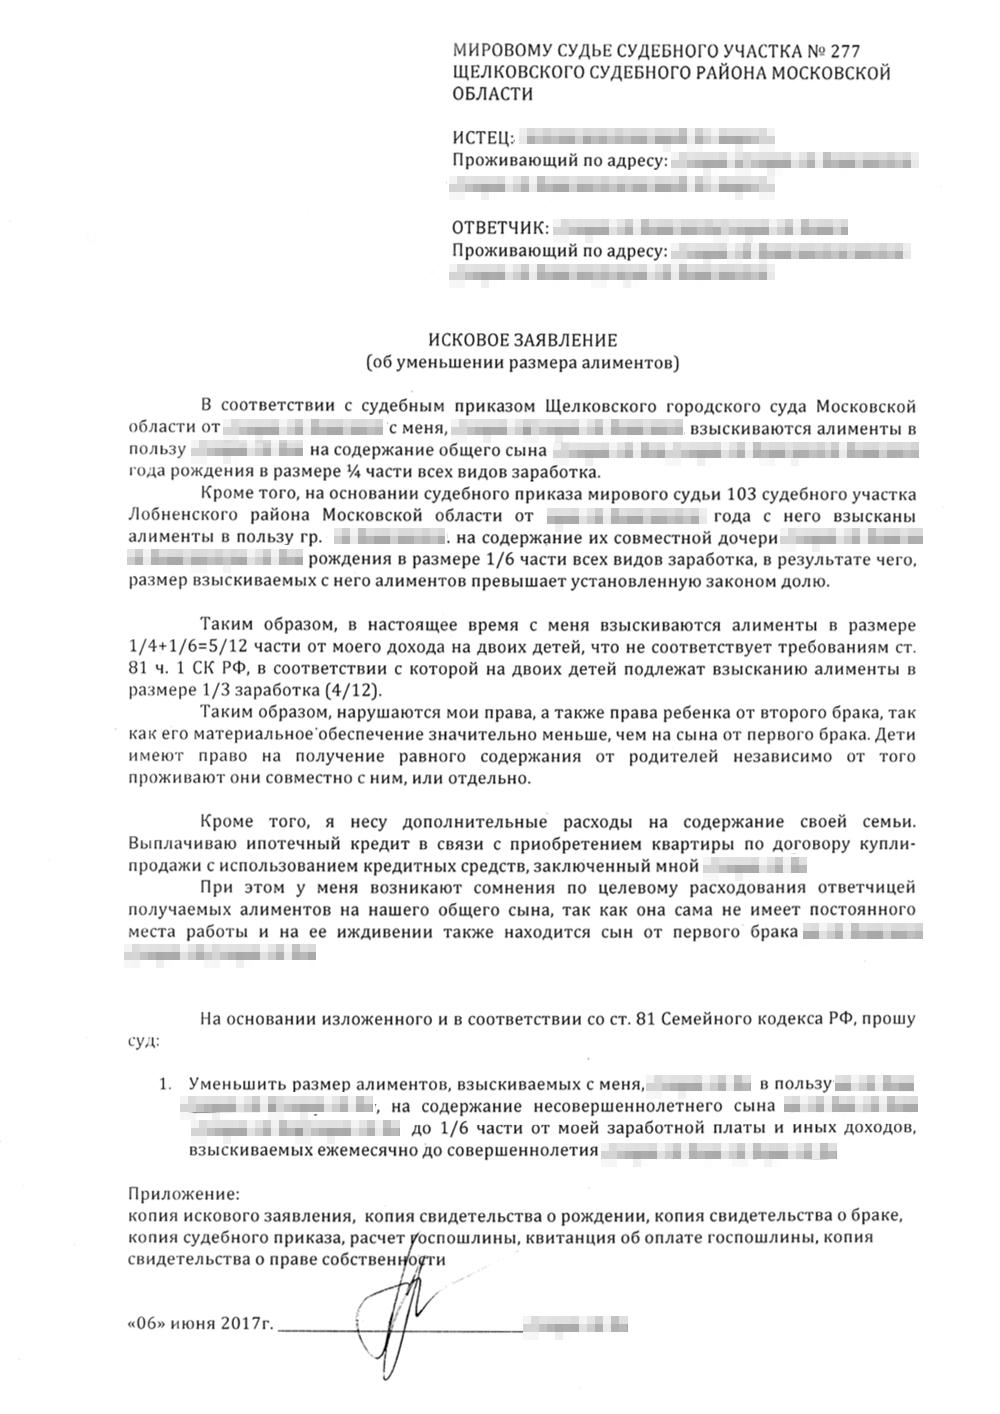 Исковое заявление Ивана к Татьяне об уменьшении размера взыскиваемых алиментов на общего сына Кирилла